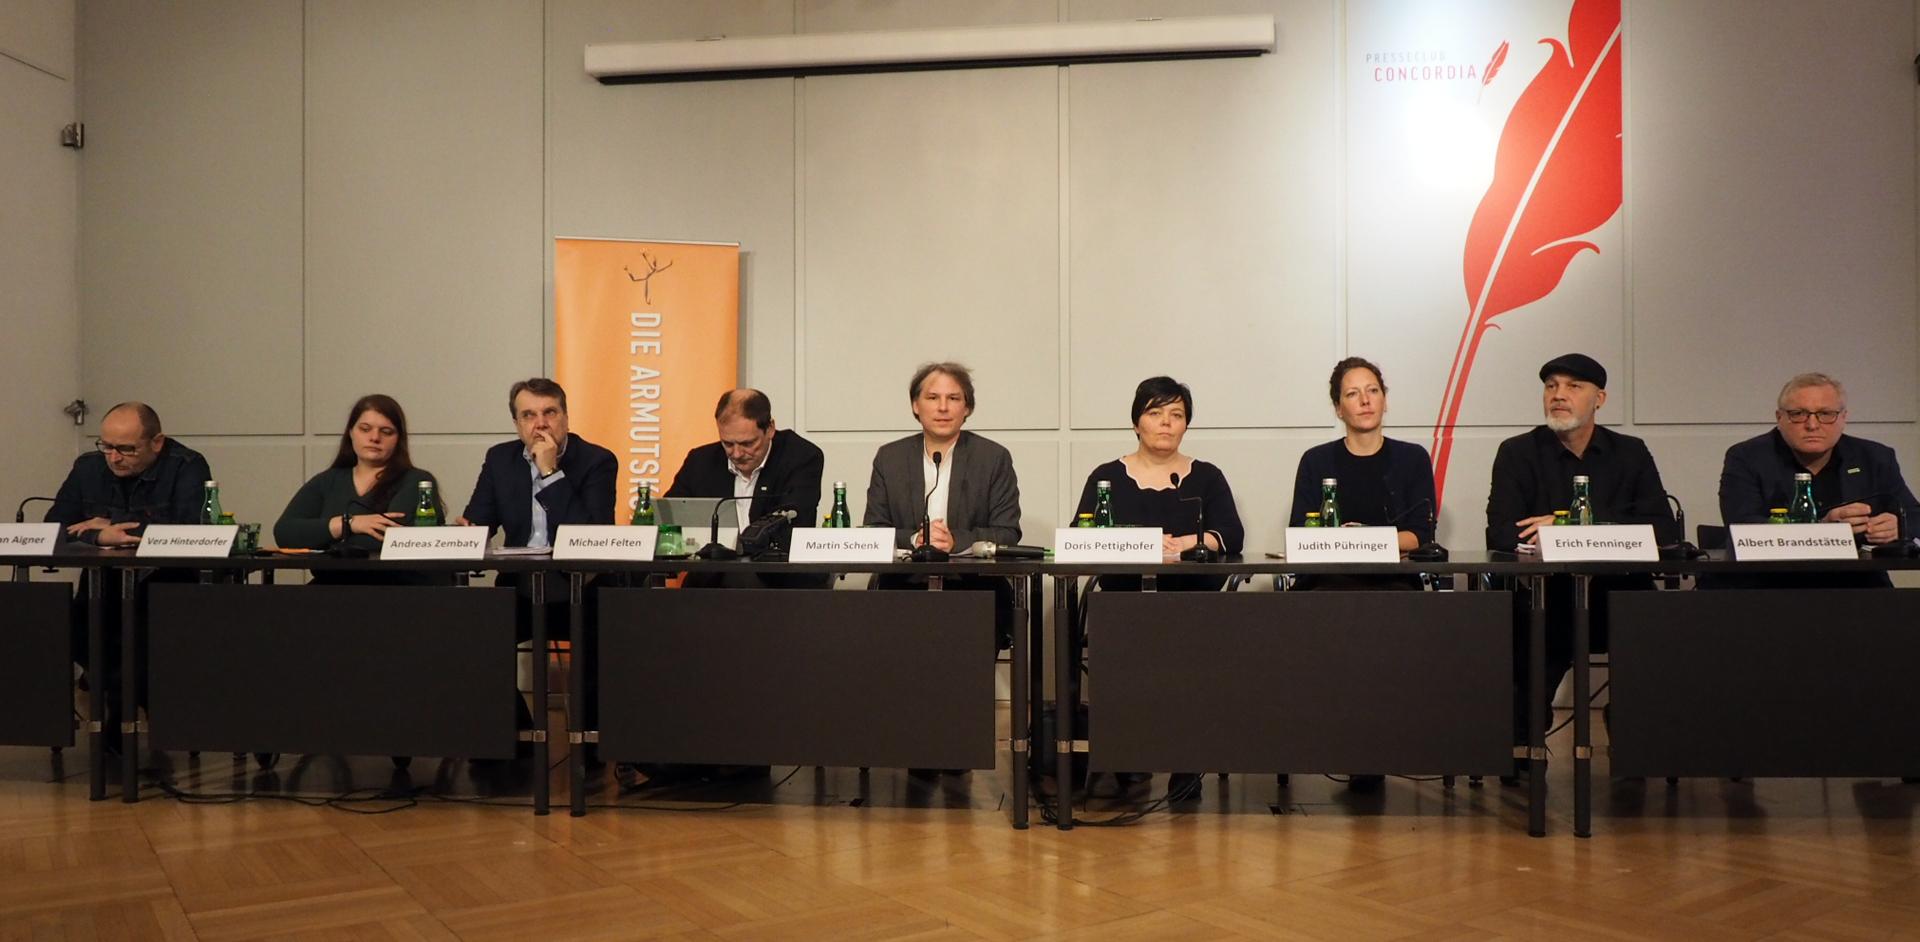 Podium bei der Pressekonferenz der Armutskonferenz zu Sozialhilfe-Grundsatzgesetz